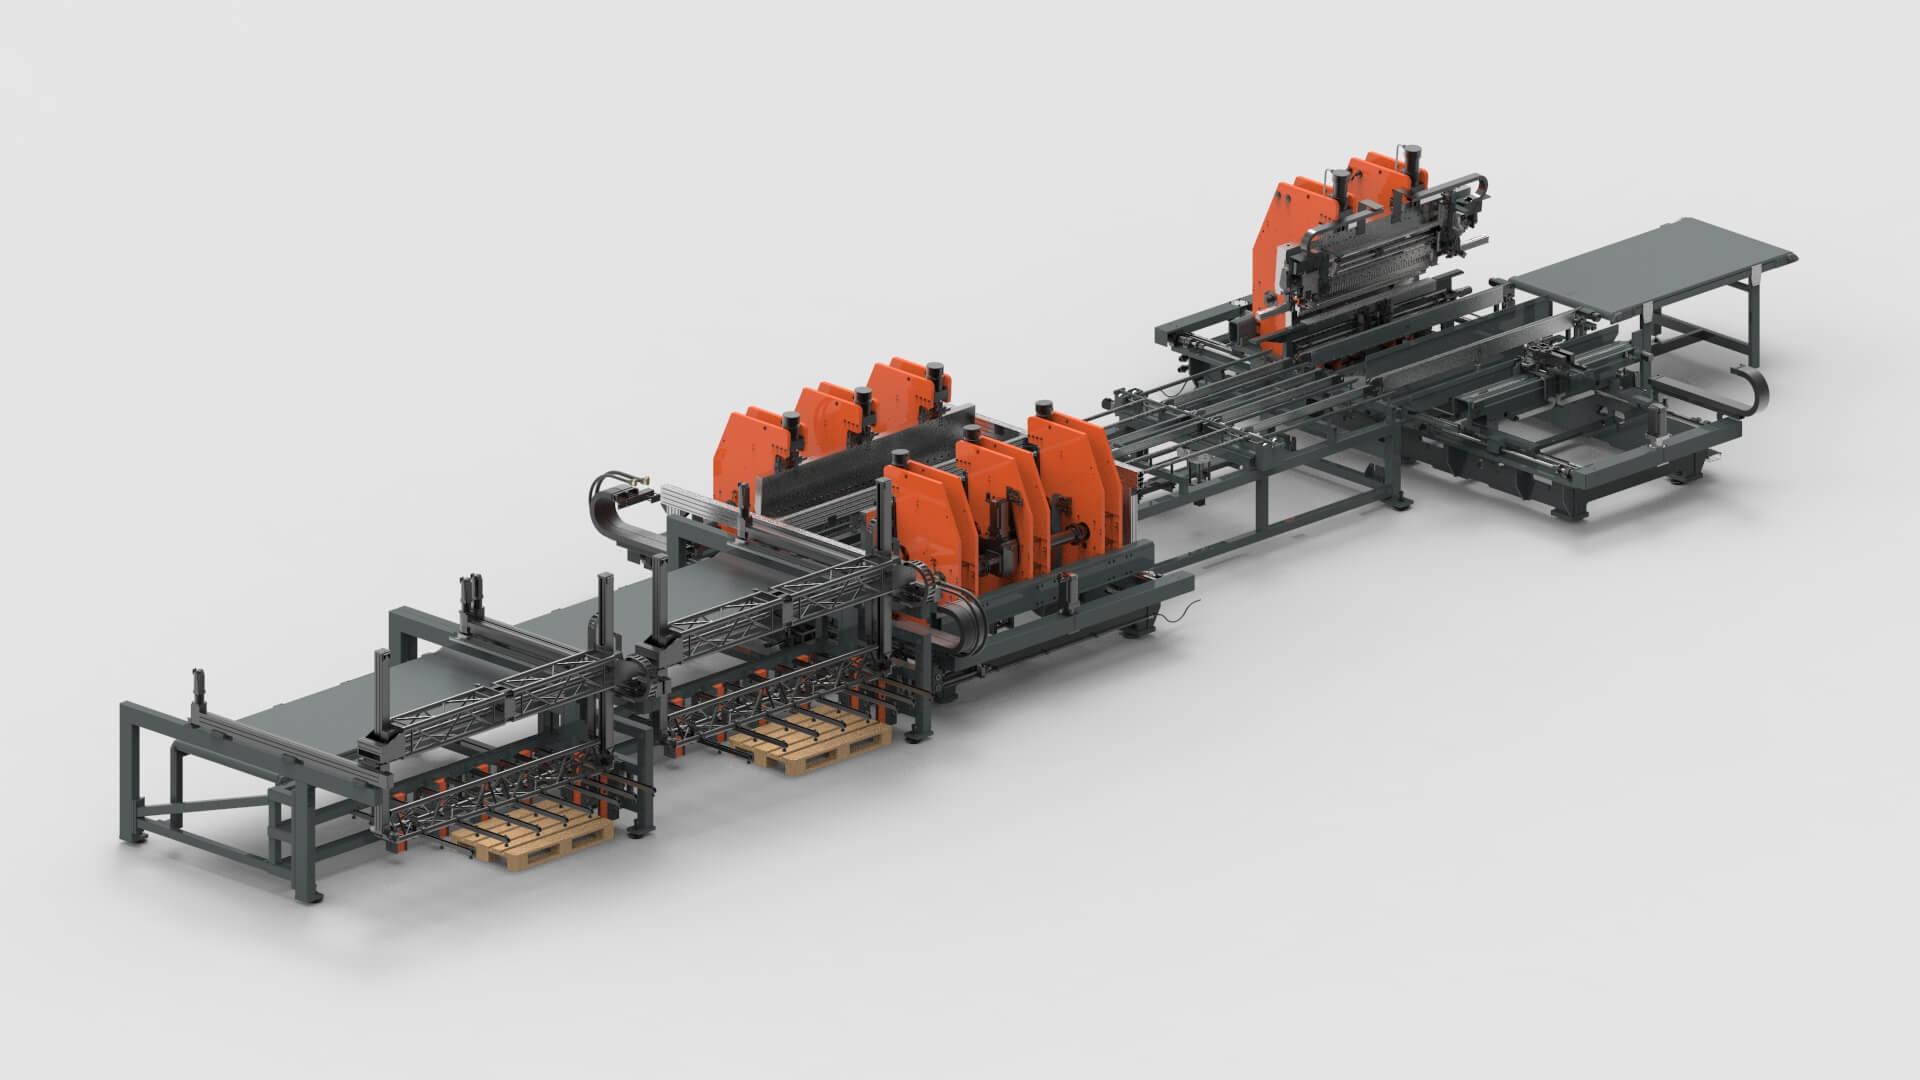 wemo-stalen-deuren-plaatbewerking-buigen-productielijn.jpg